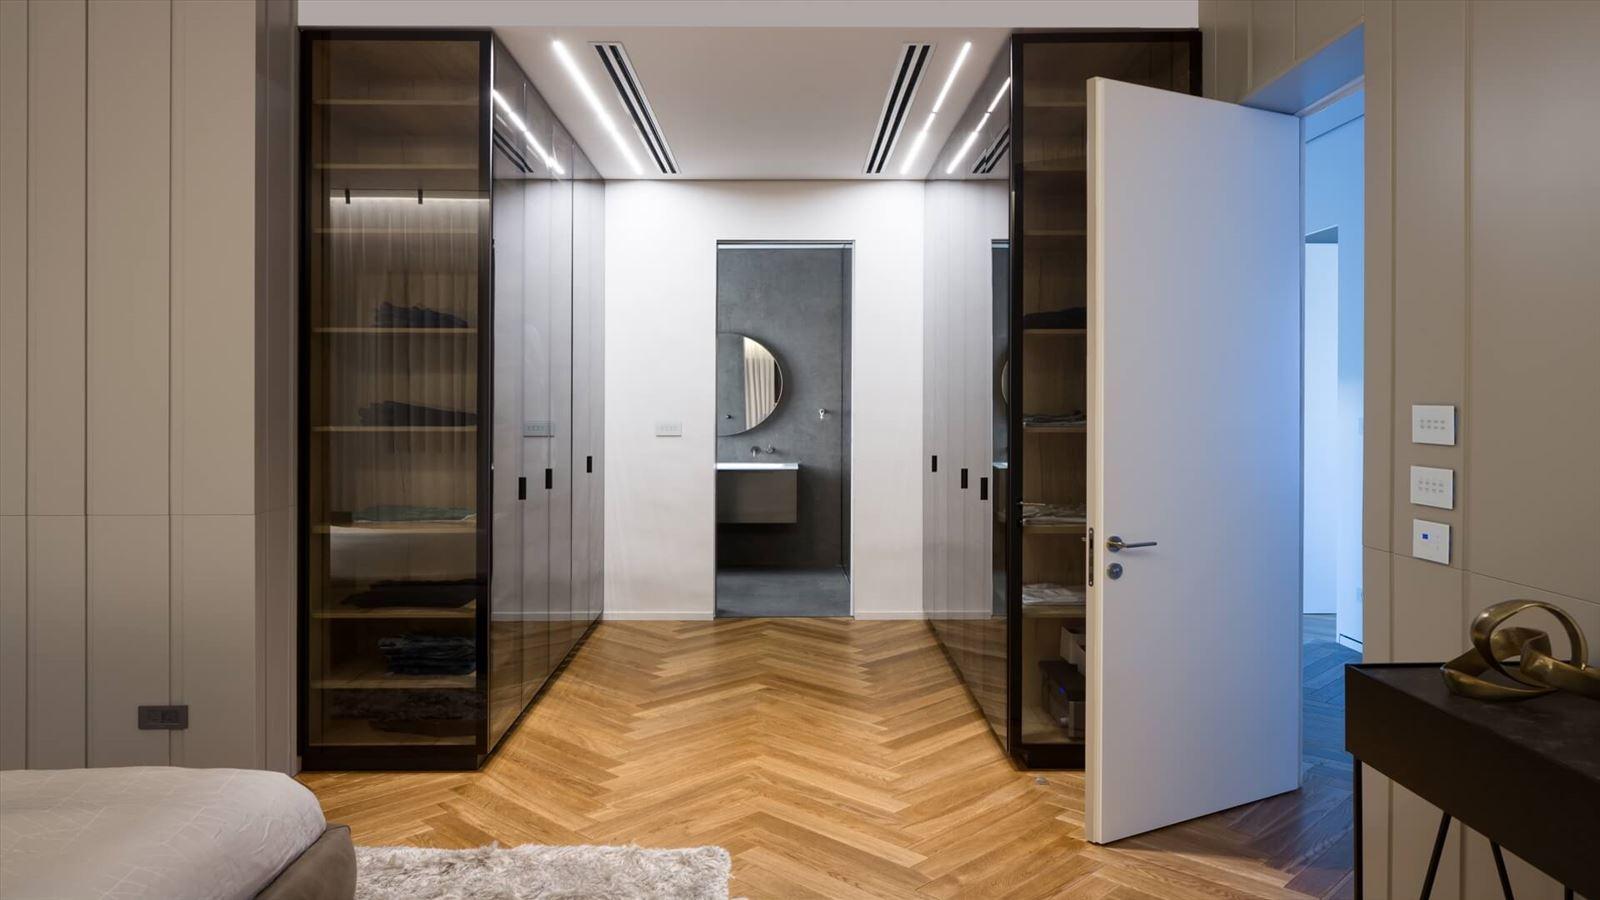 Penthouse Carmelit - עיצוב תאורה אדריכלית